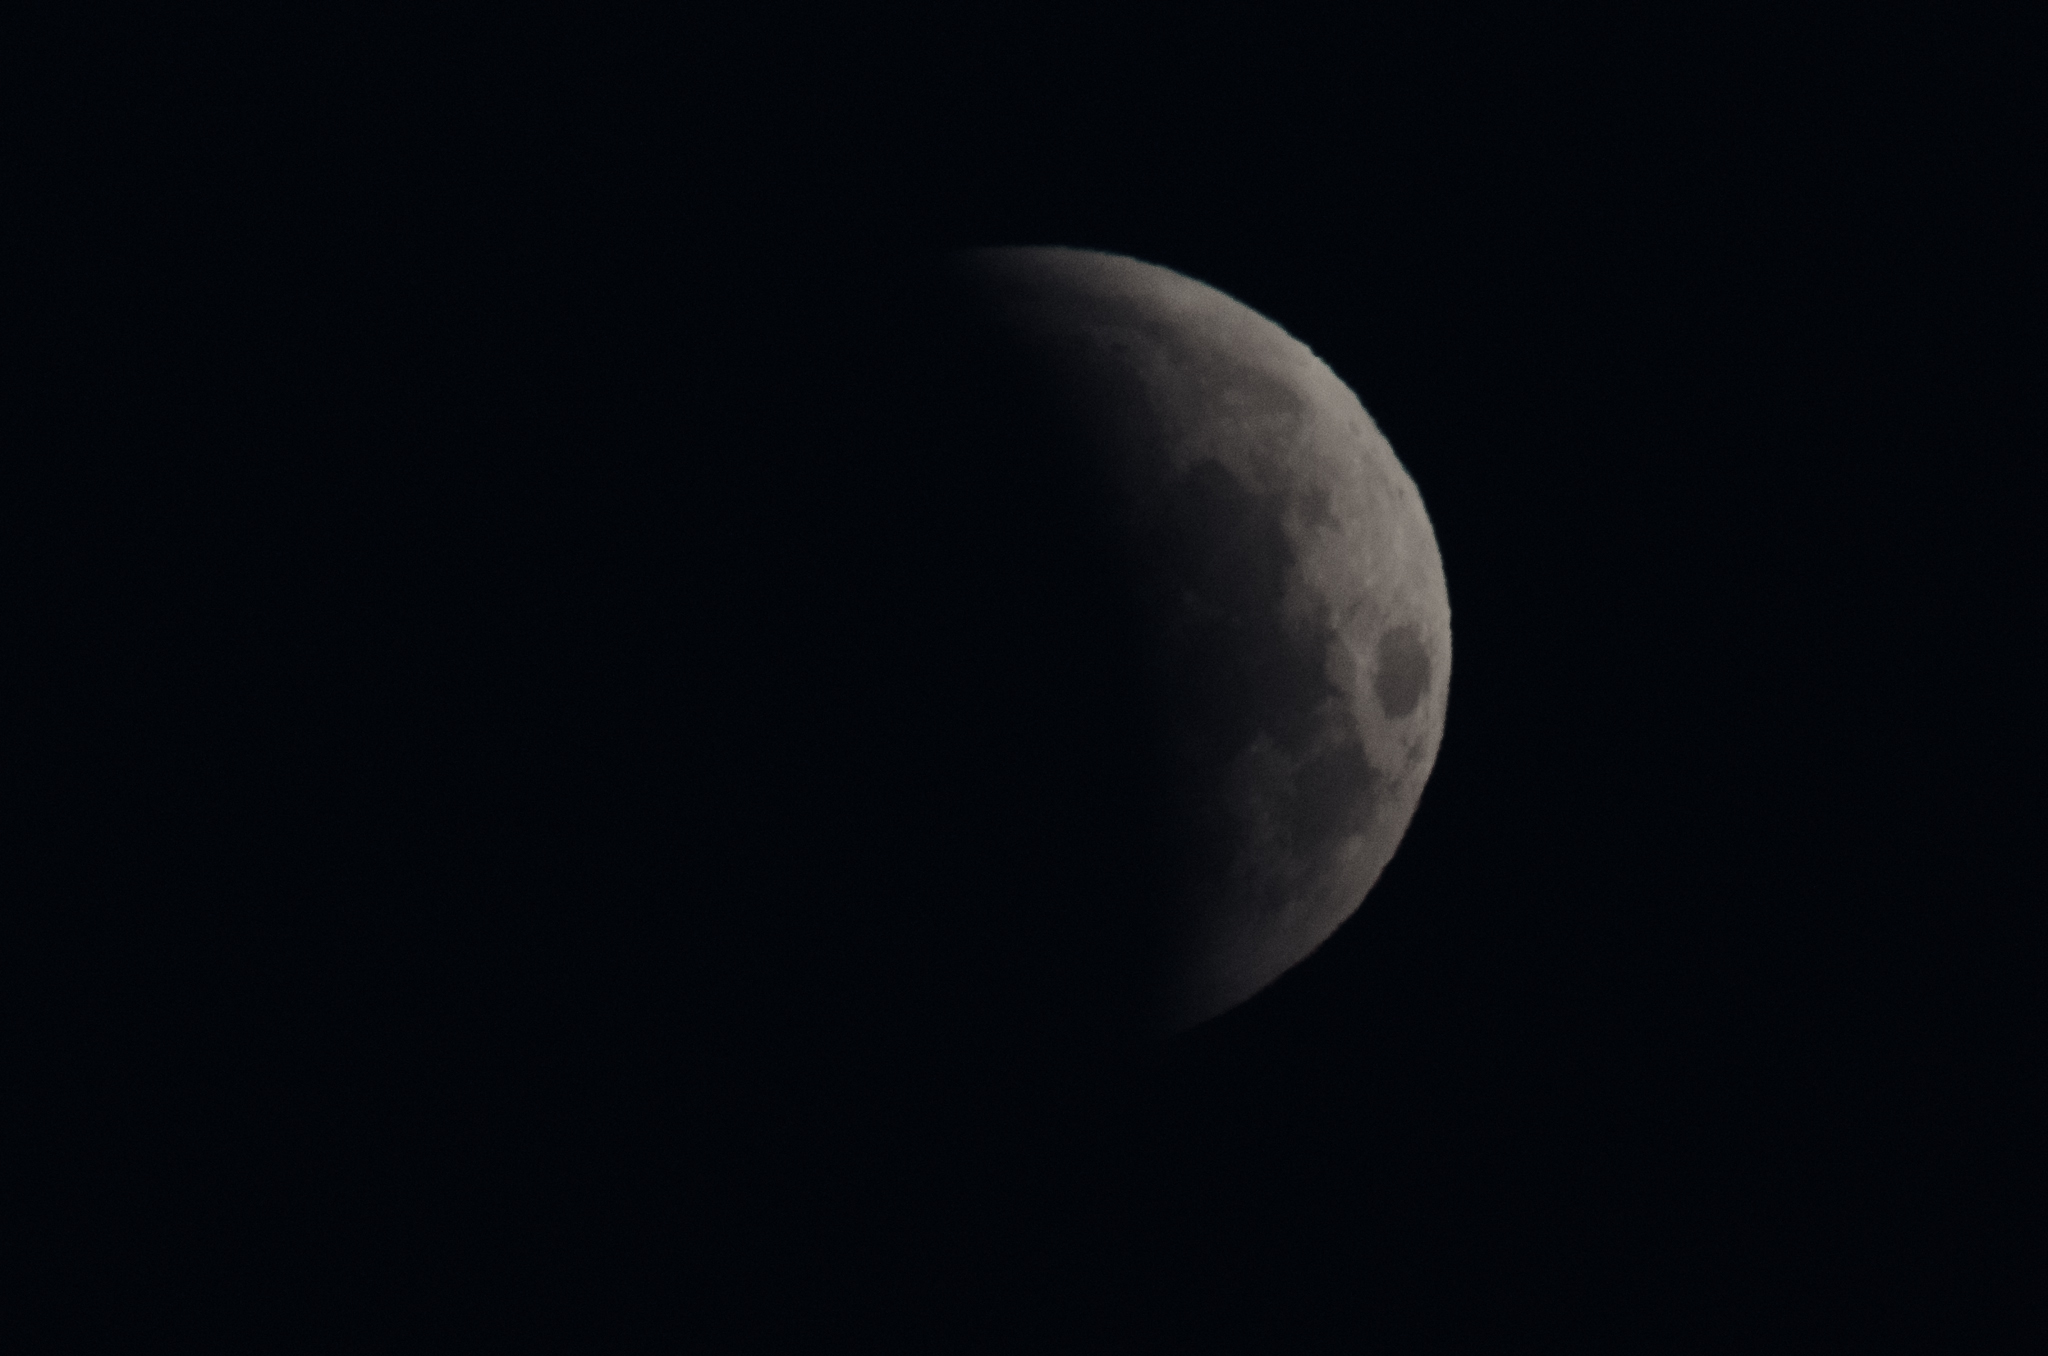 Lunar Eclipse 07:08 AM  EDT  Nikon D7000 ISO 640 600mm f/11 1/100 sec.